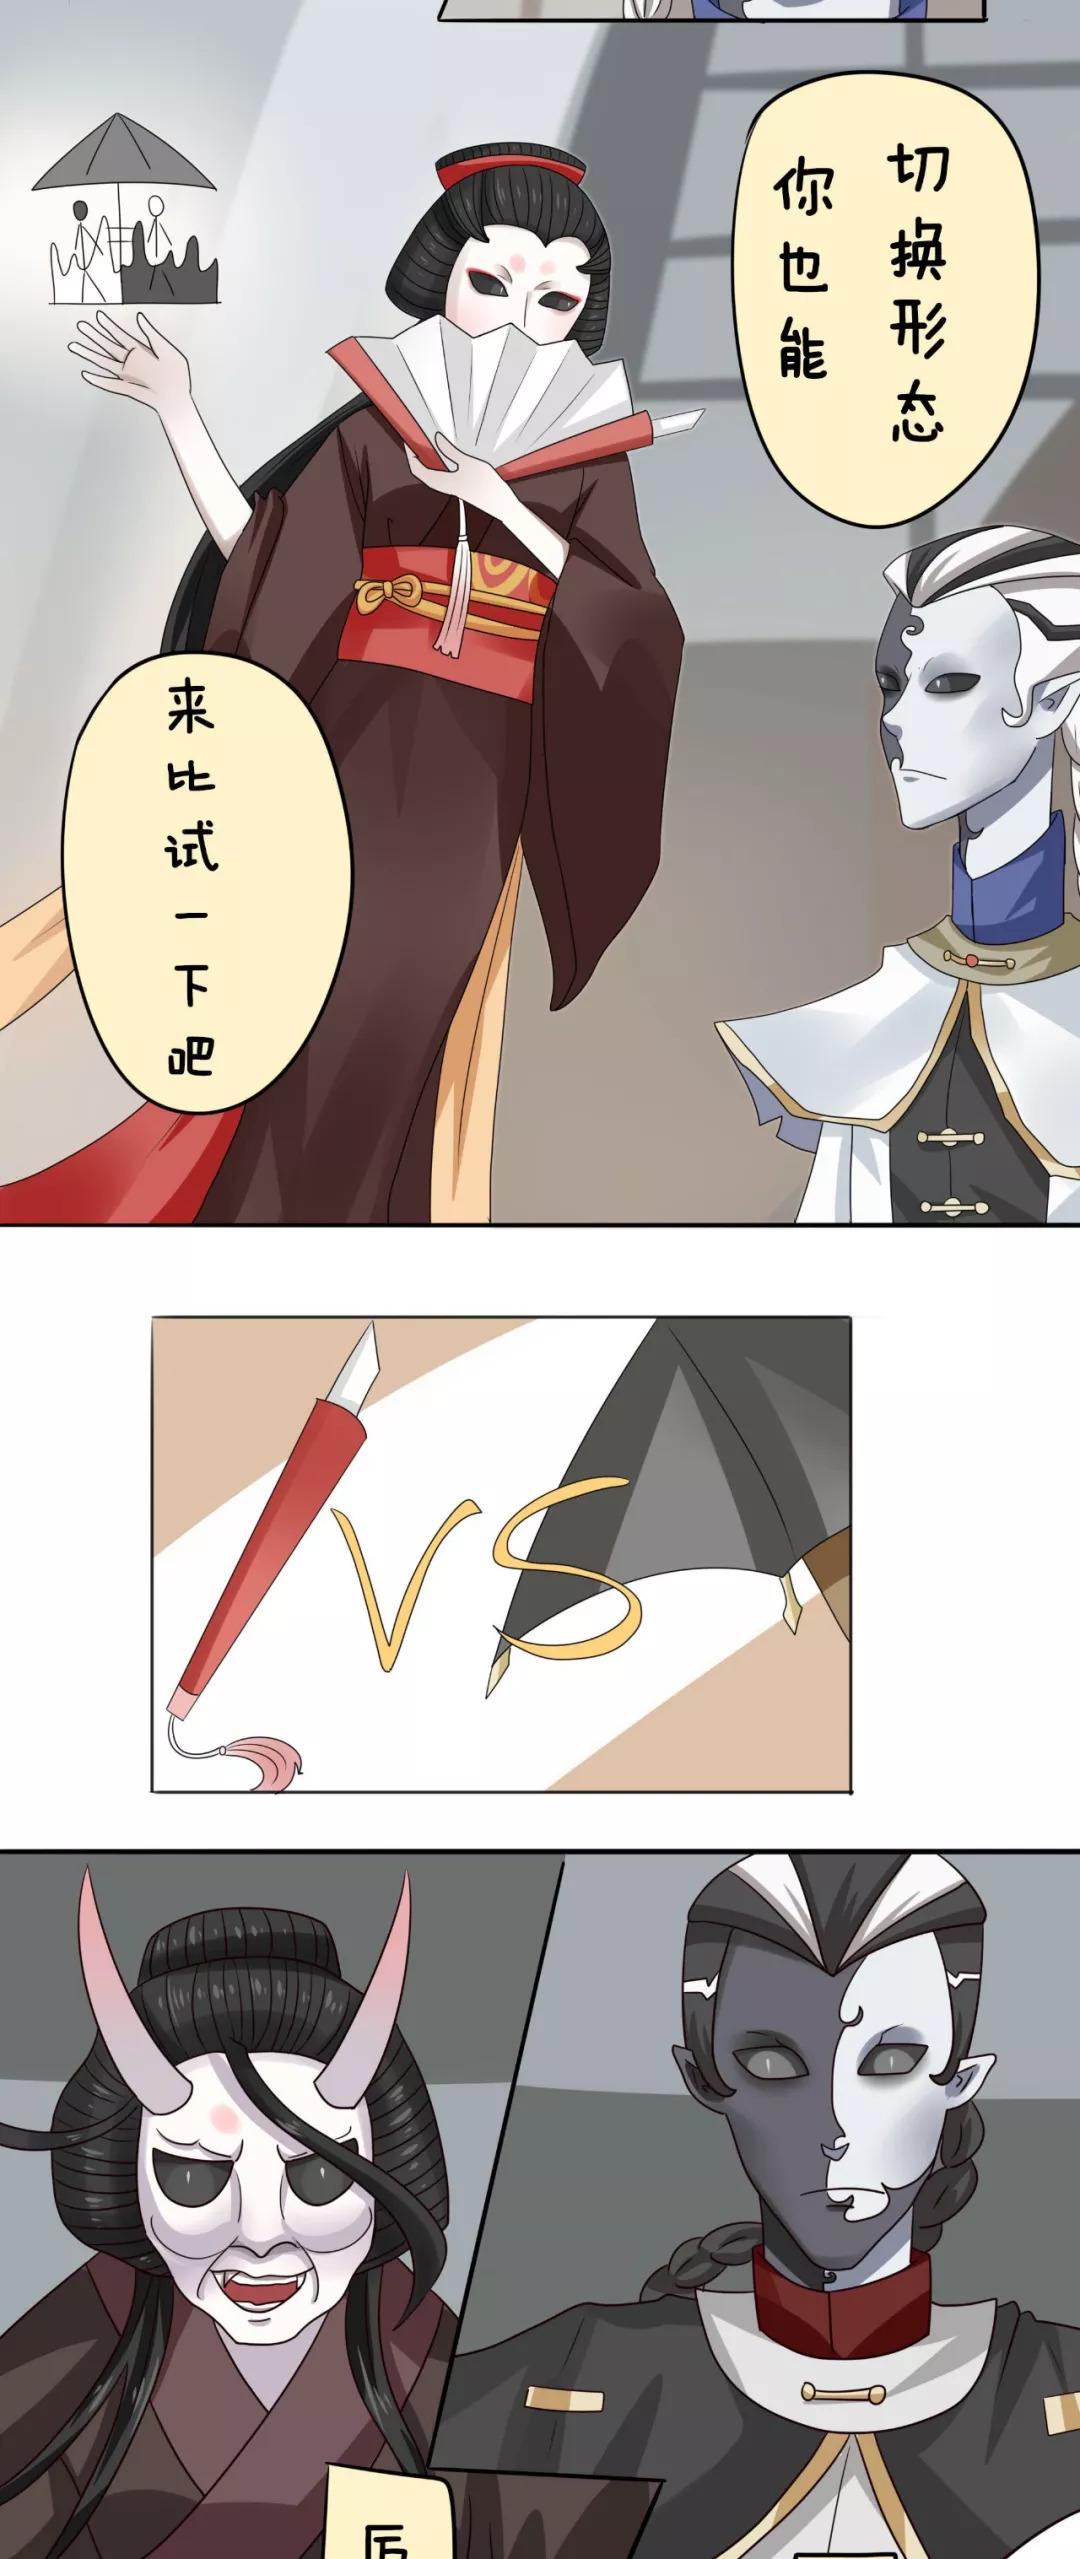 第五人格红蝶漫画 赢了游戏输了人生图片